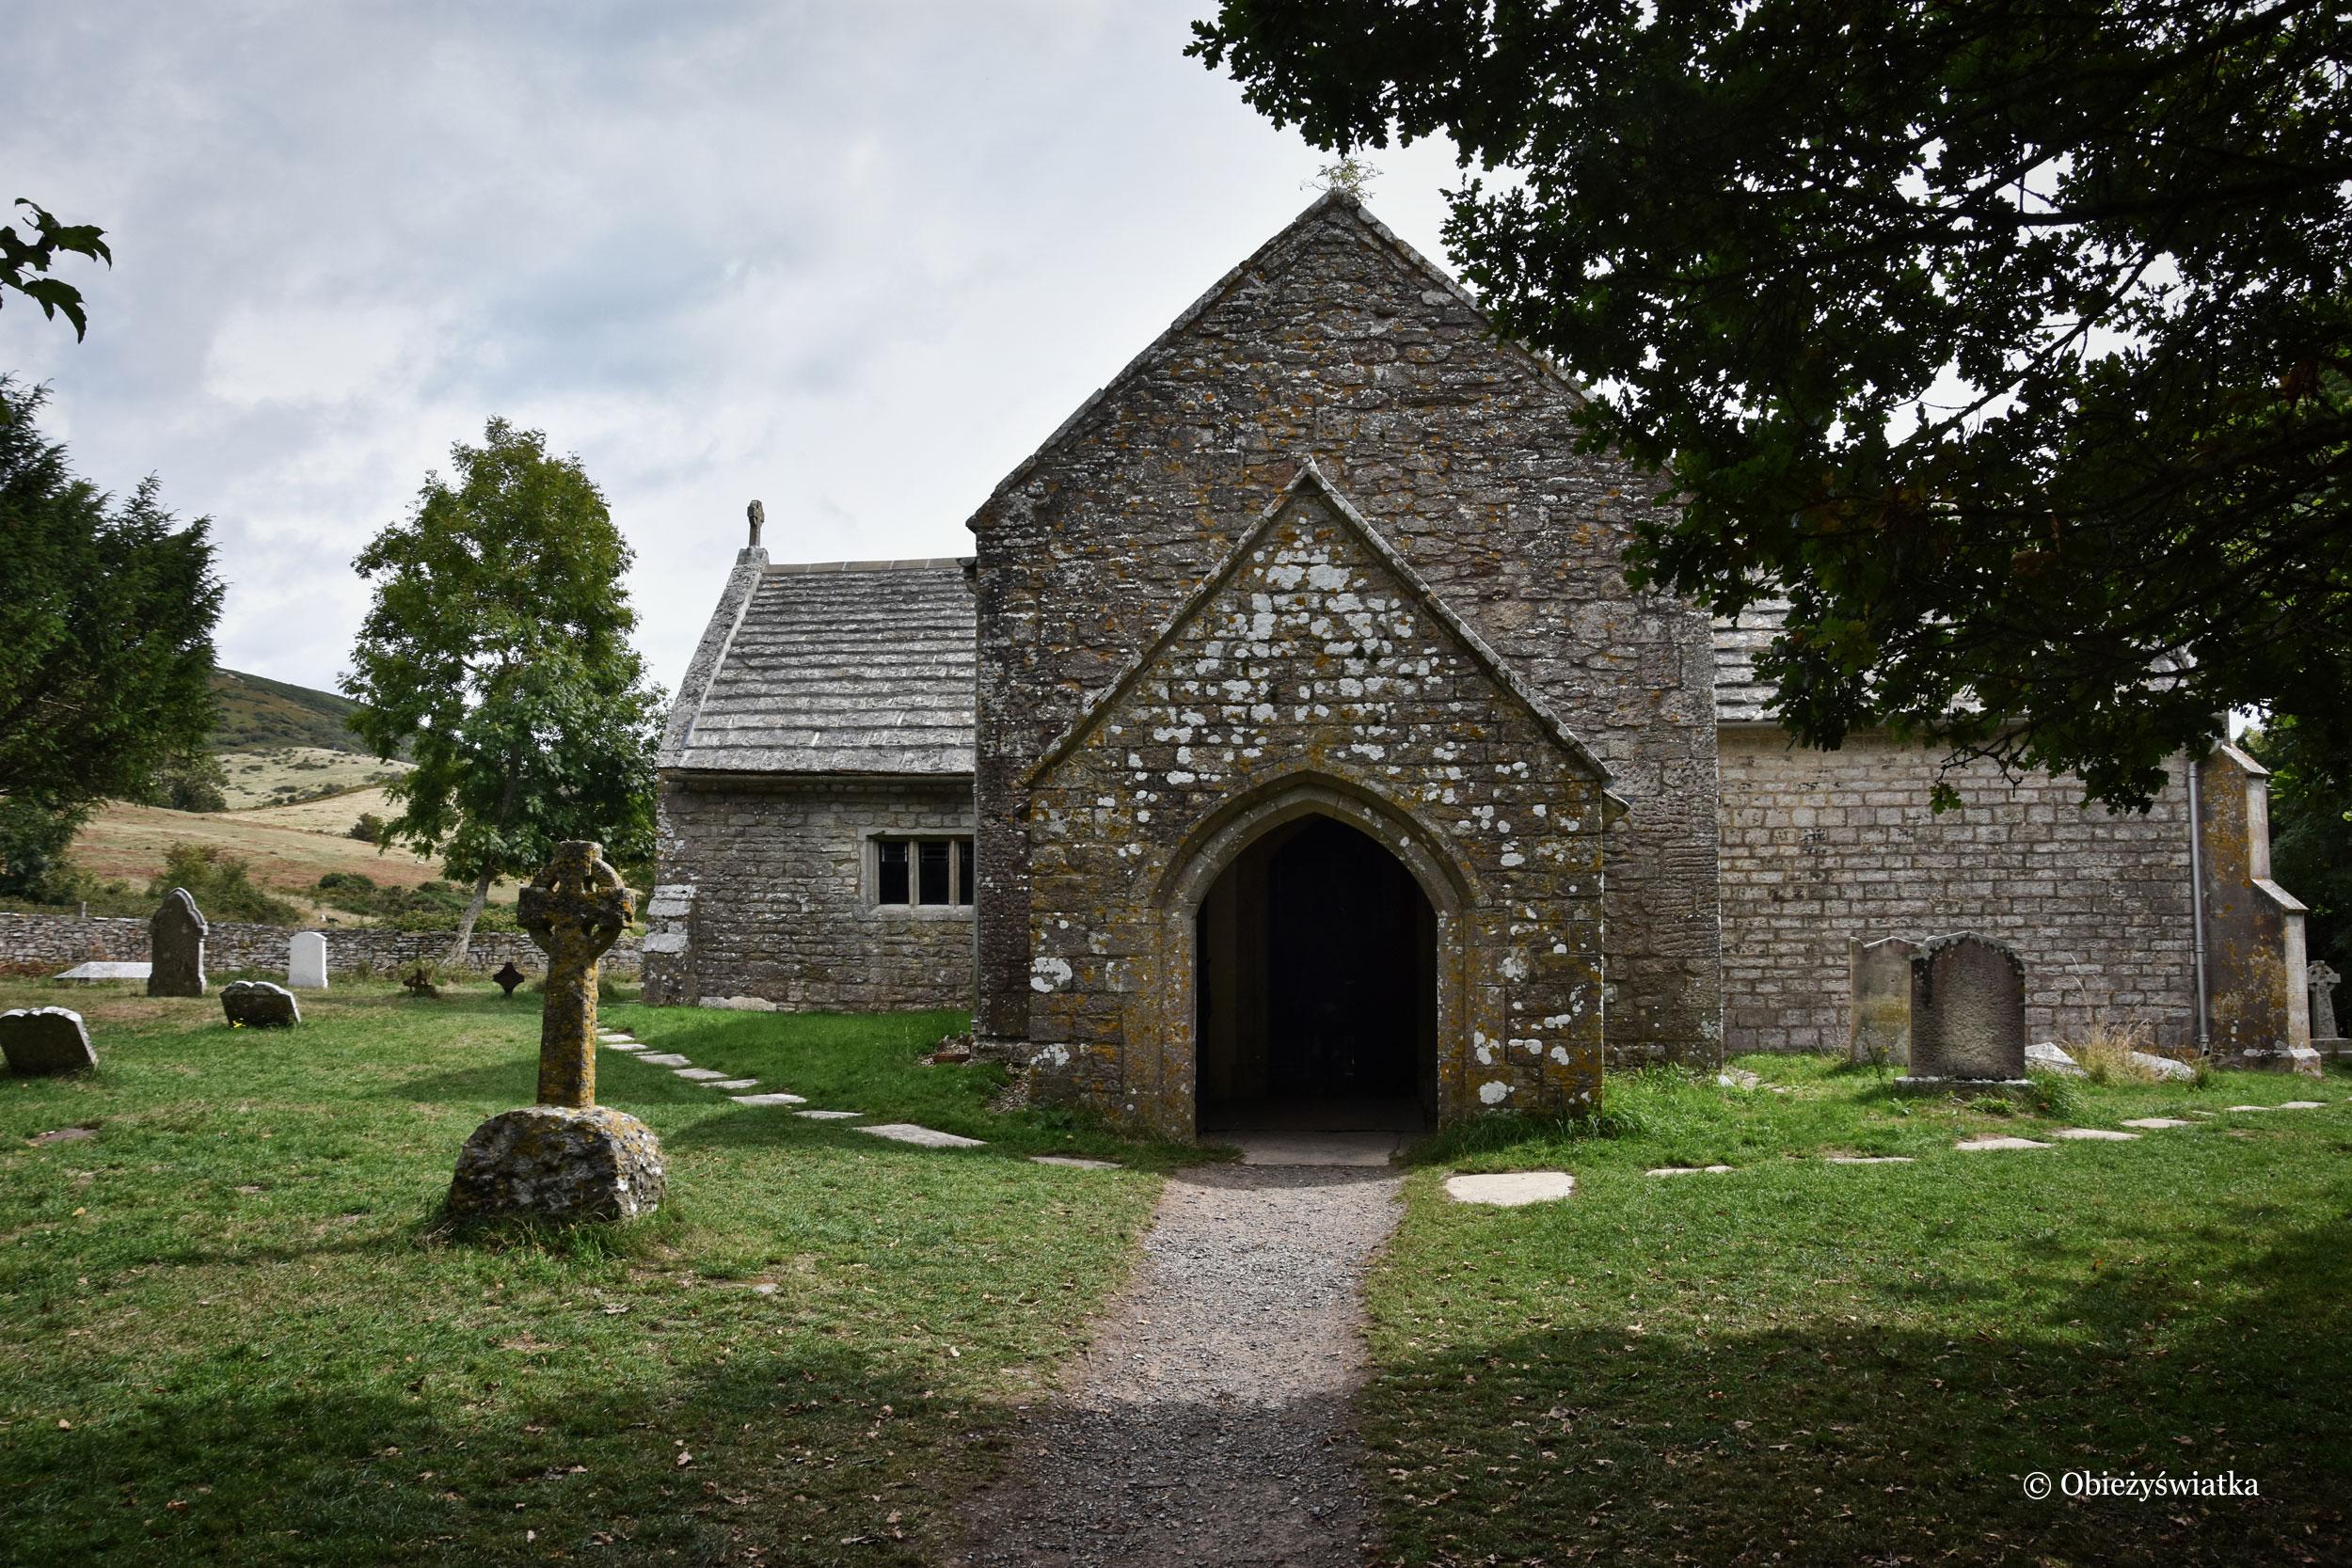 Tyneham - Zabytkowy kościółek - St. Mary's church